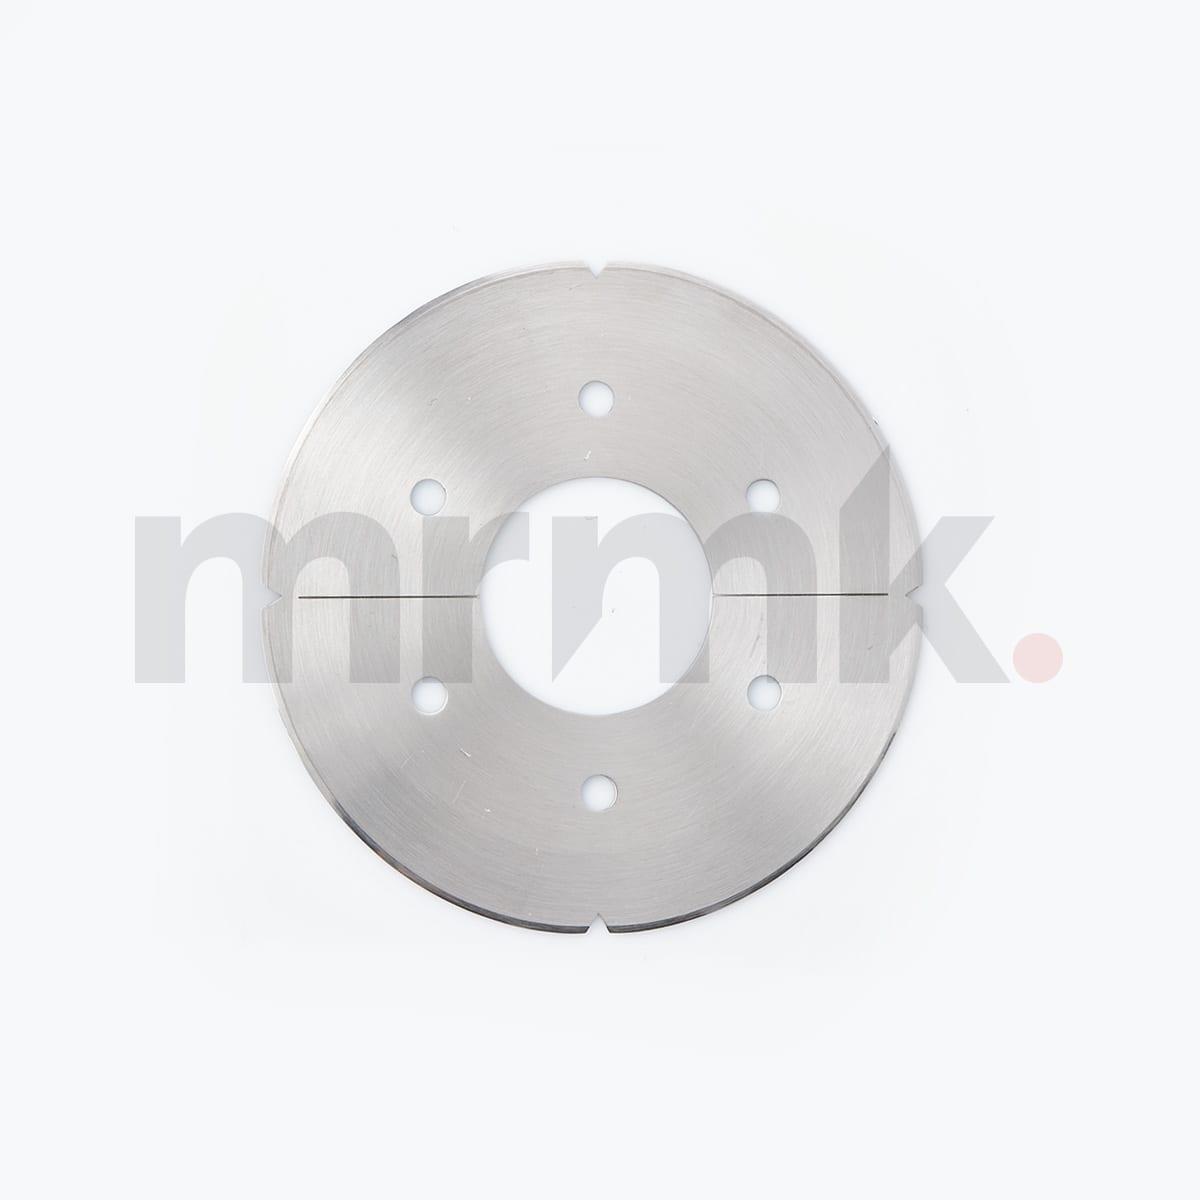 Tiromat / CFS / GEA Compatible Circular Blades 10